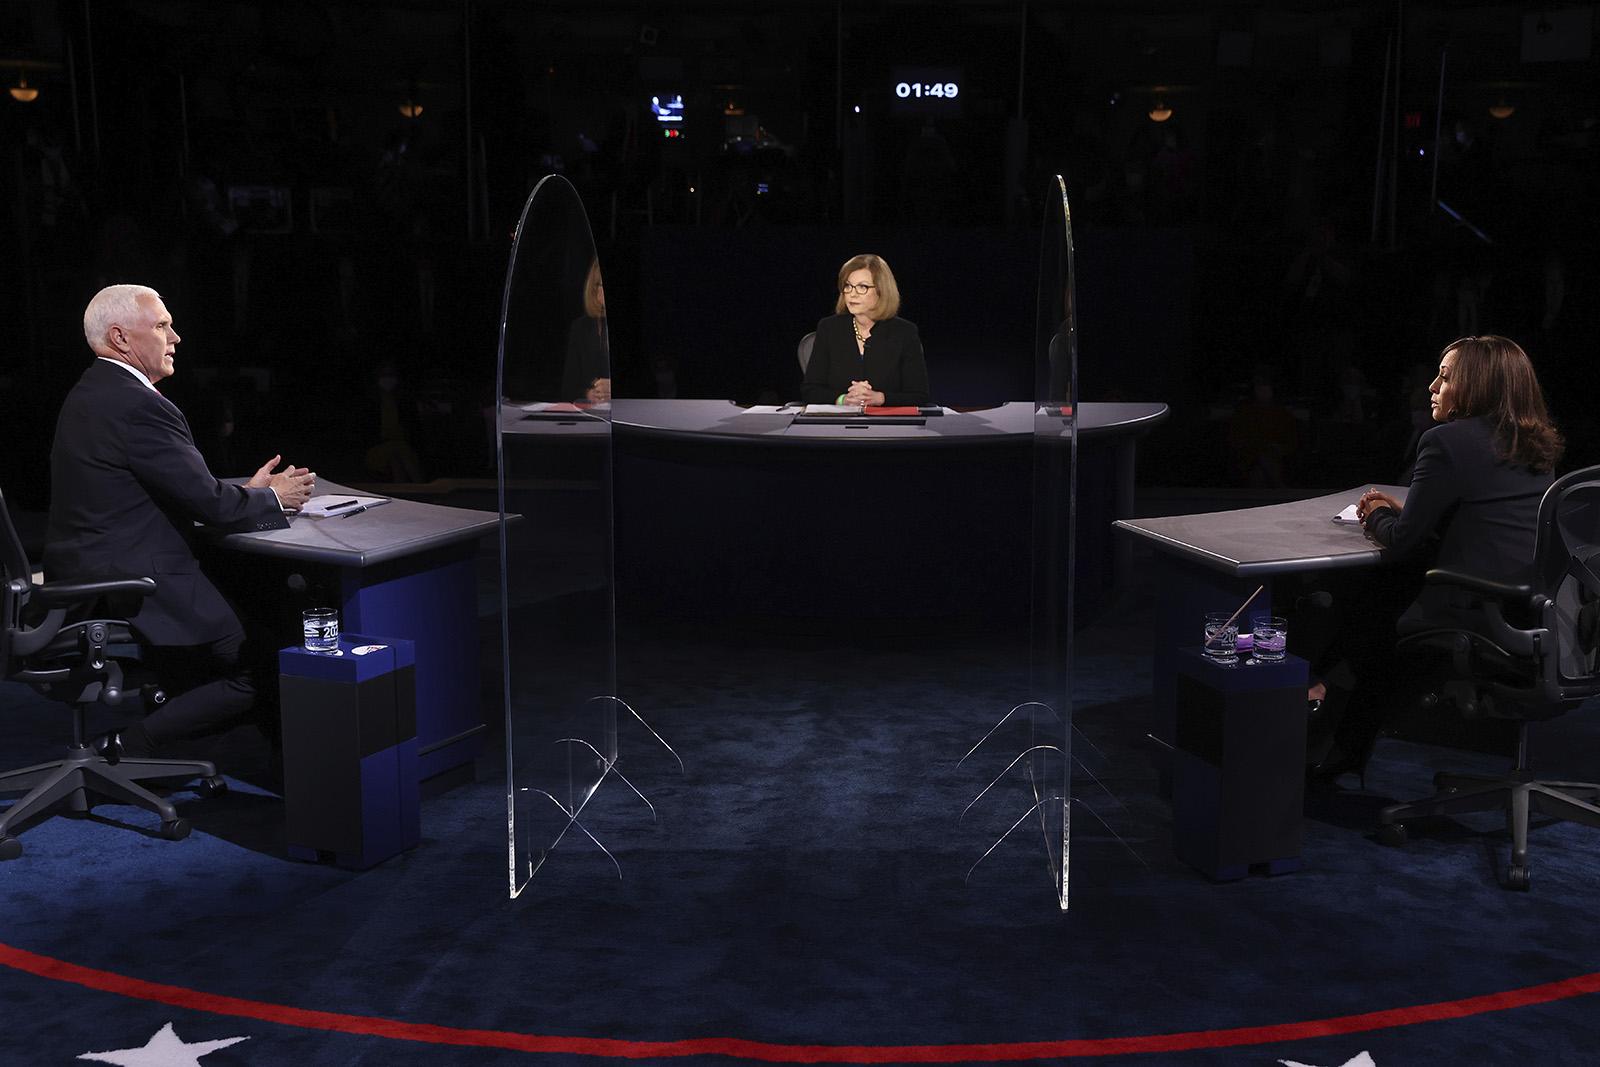 【惠州人与曽200部视频】_现场!美副总统候选人隔3.6米辩论:不戴口罩,中间竖巨大玻璃板